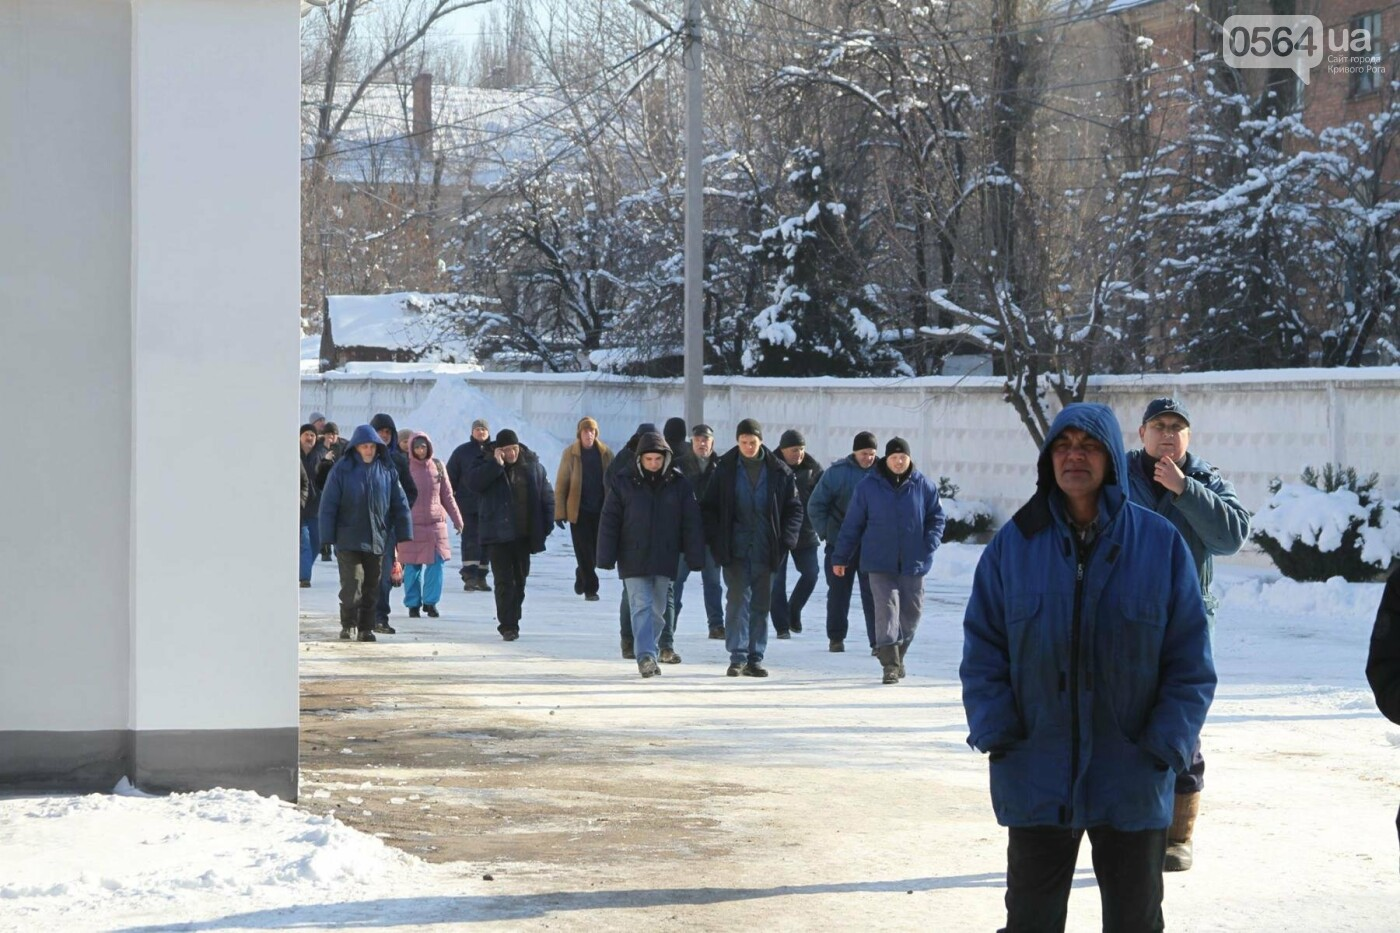 В Кривом Роге сотрудники КПВС митингуют, опасаясь, что город останется без воды  (ФОТО, ВИДЕО), фото-17